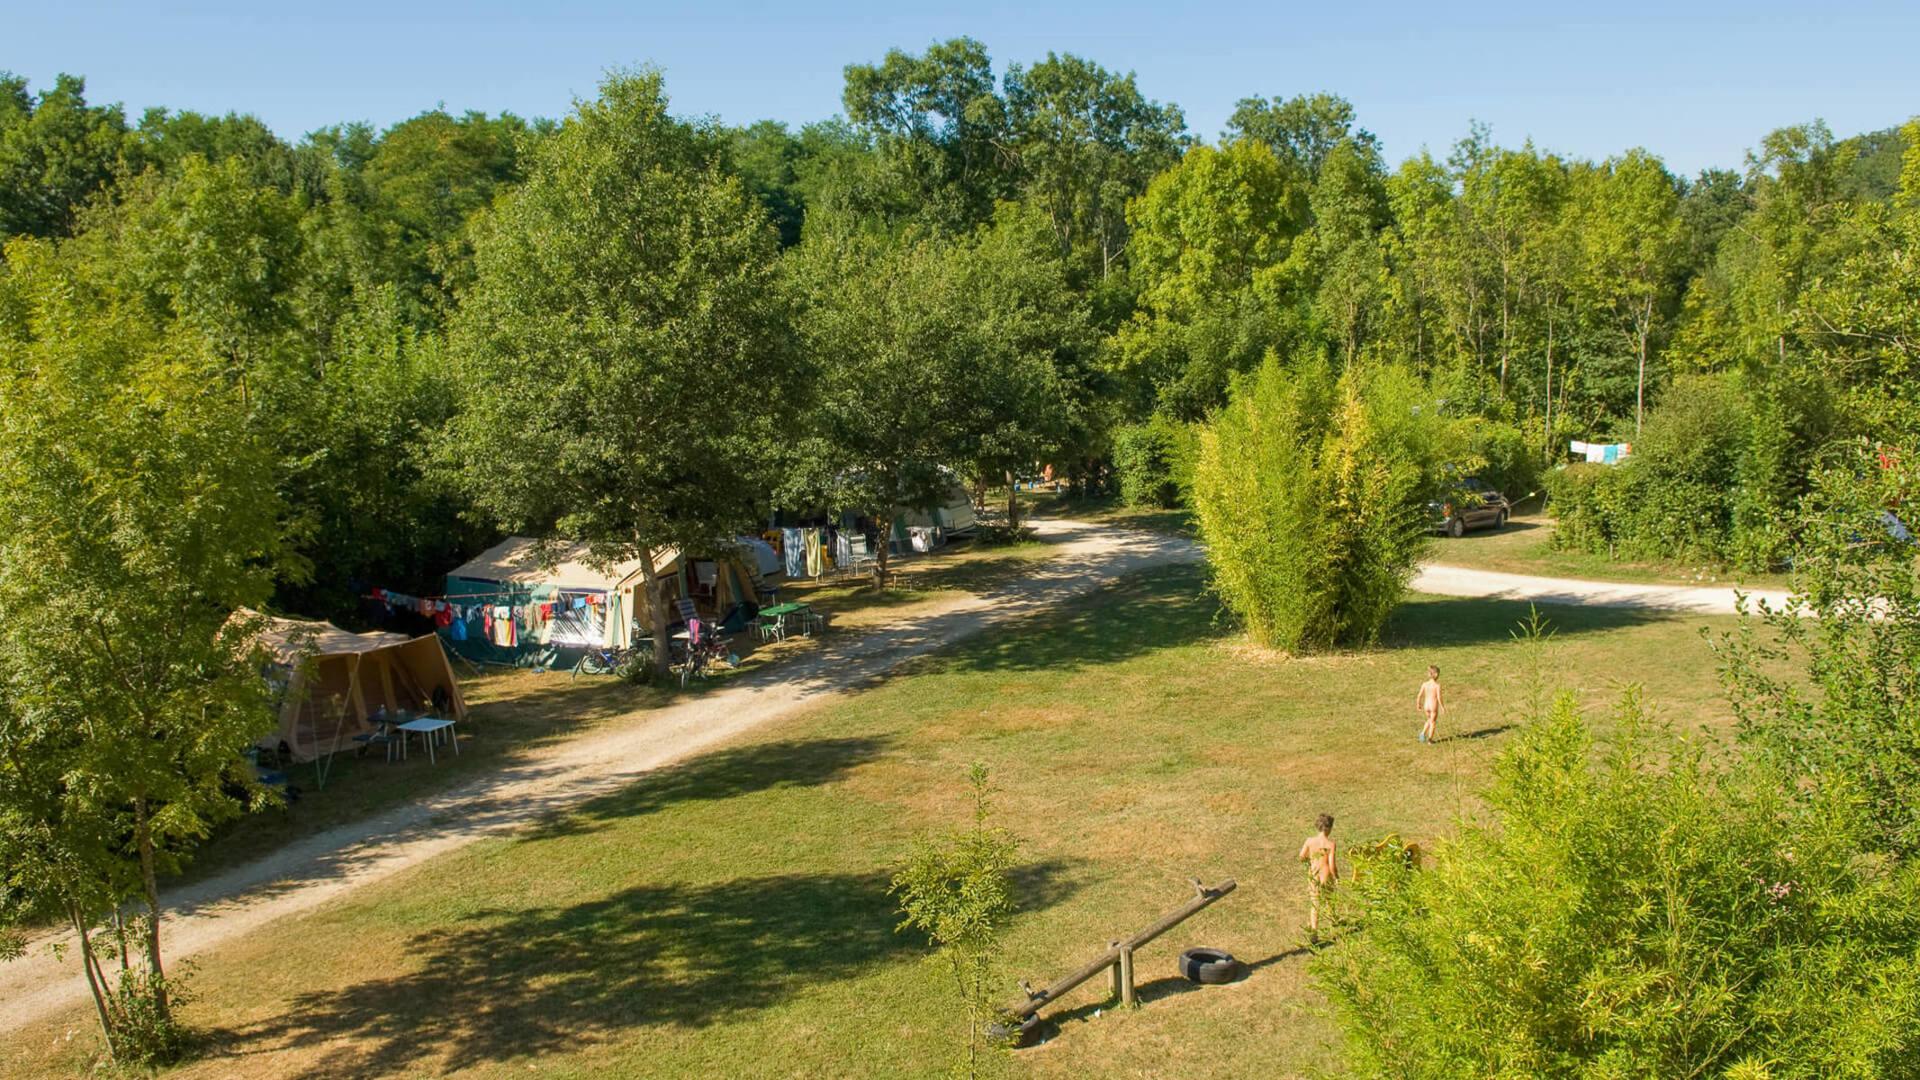 naturist campsite france